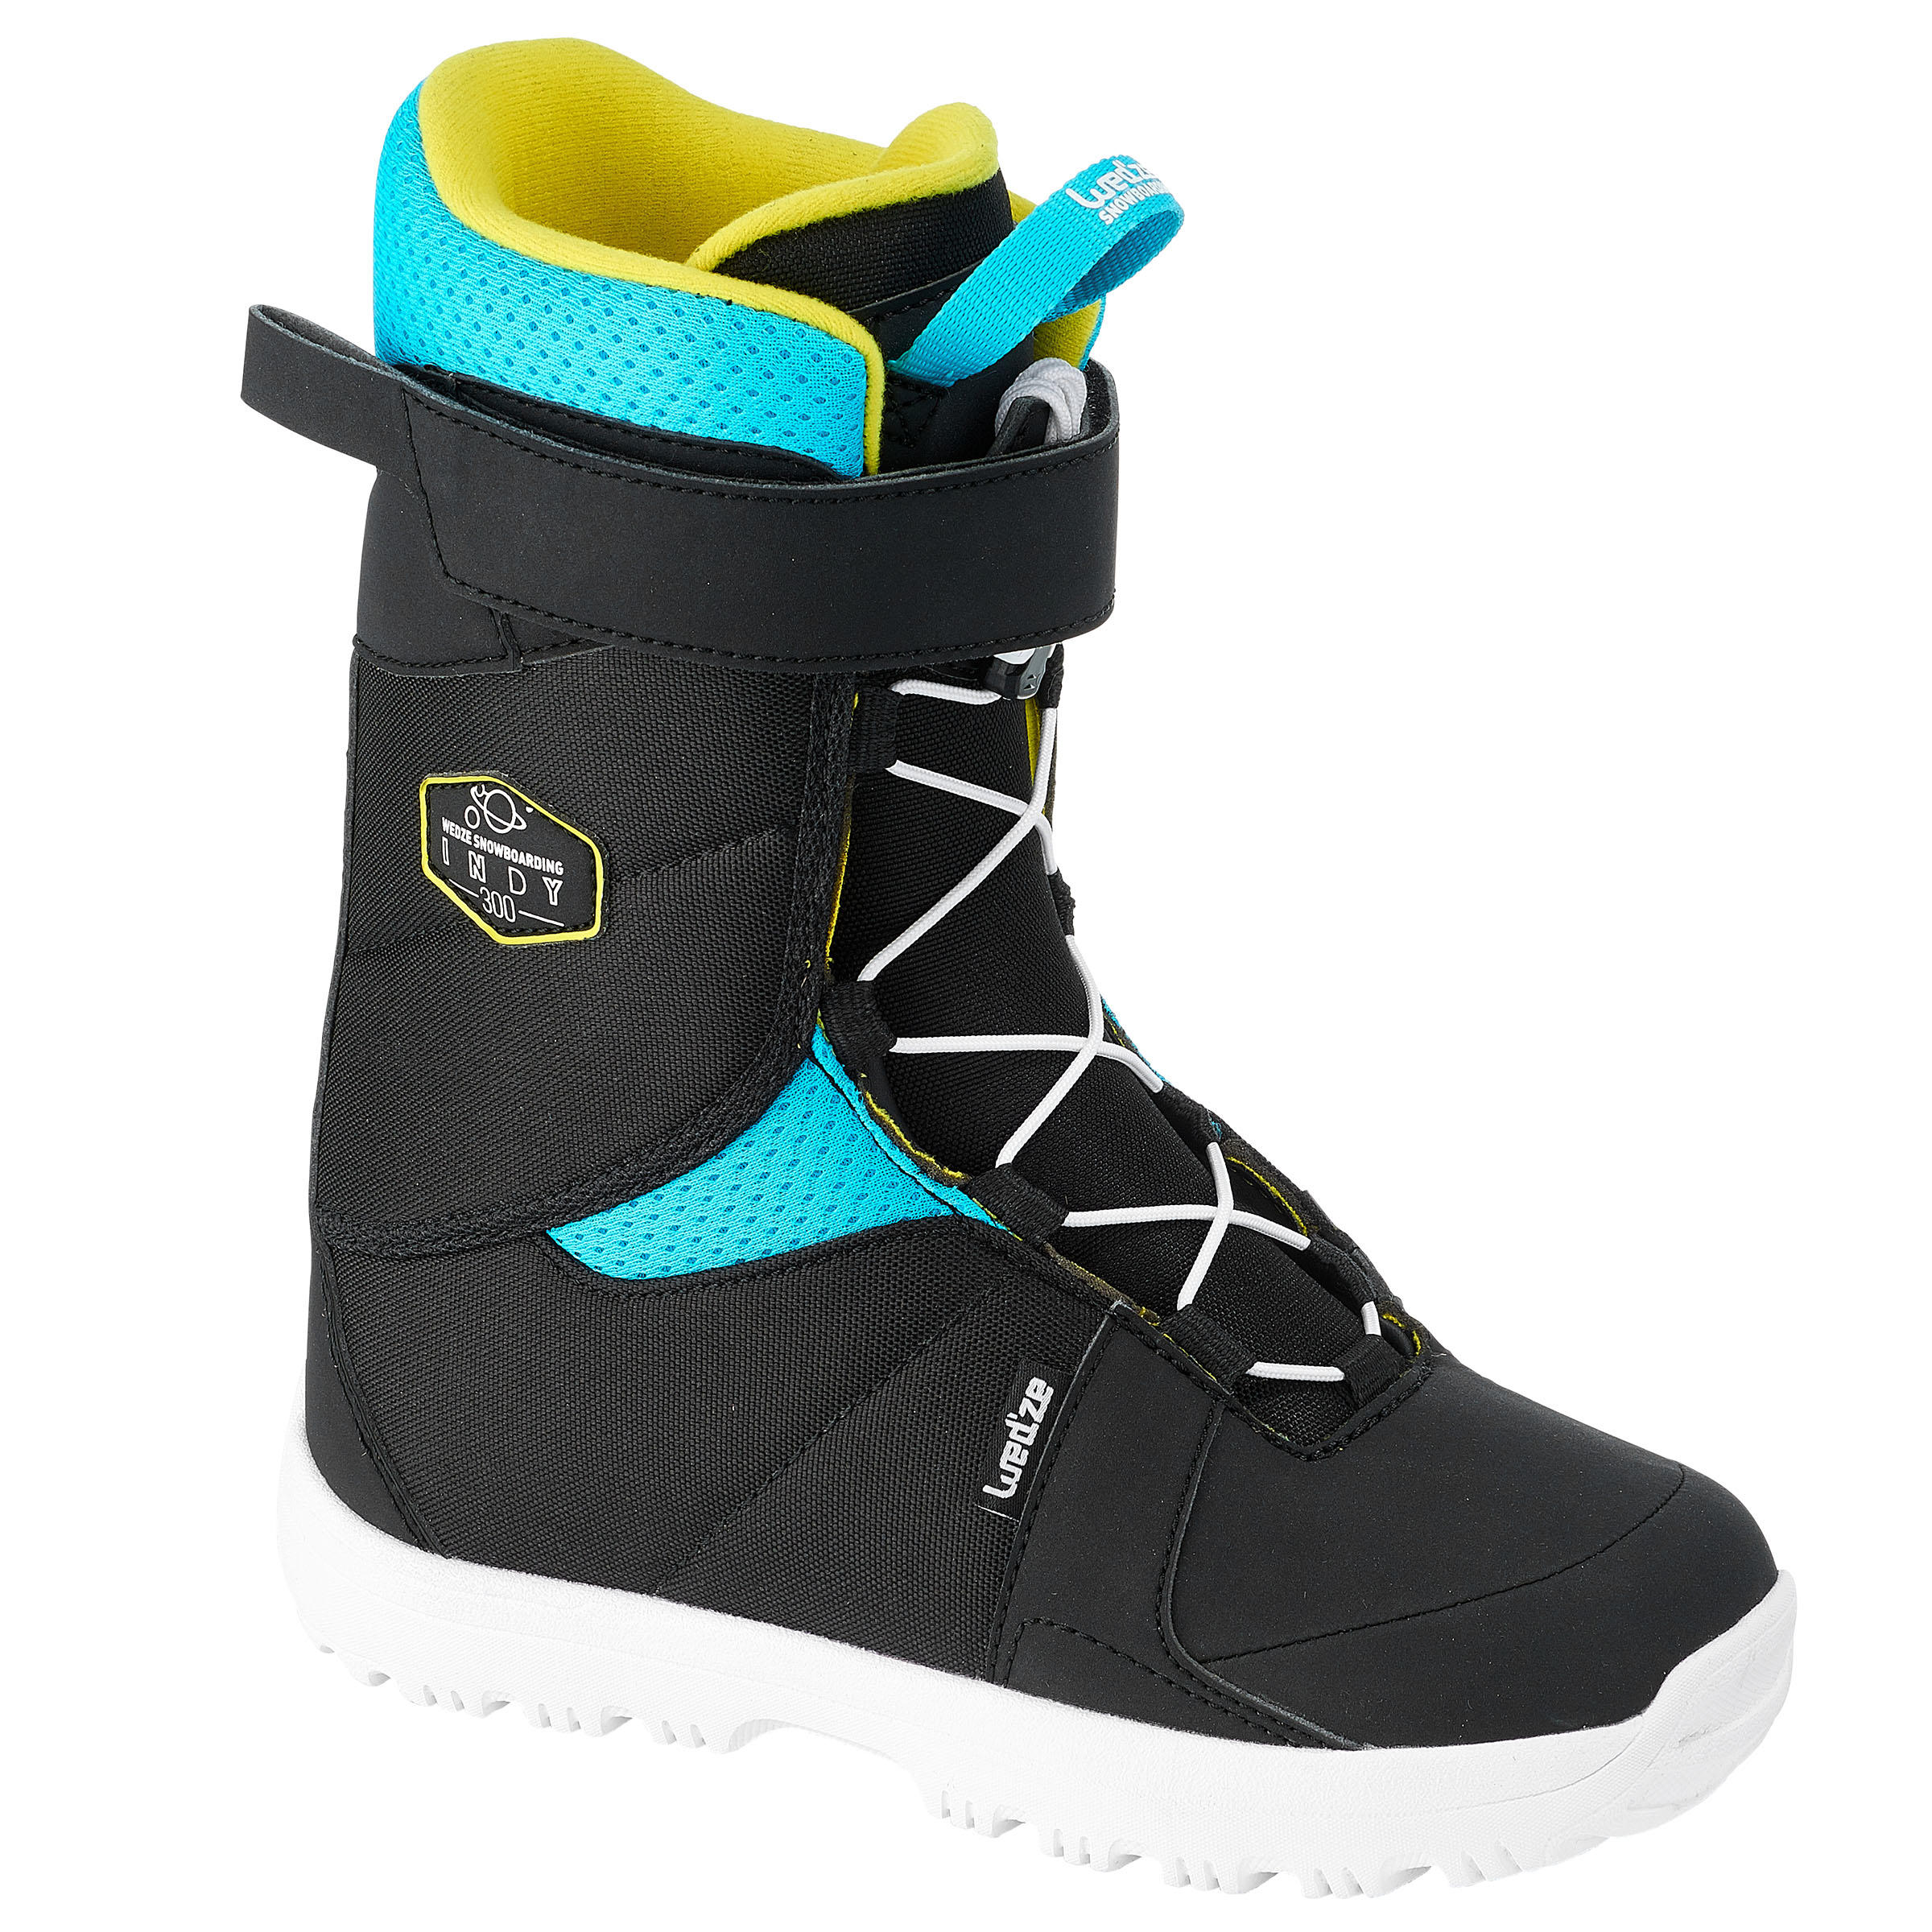 Wed'ze Snowboardboots voor kinderen Indy 300 Fast Lock 2Z zwart/blauw/geel thumbnail